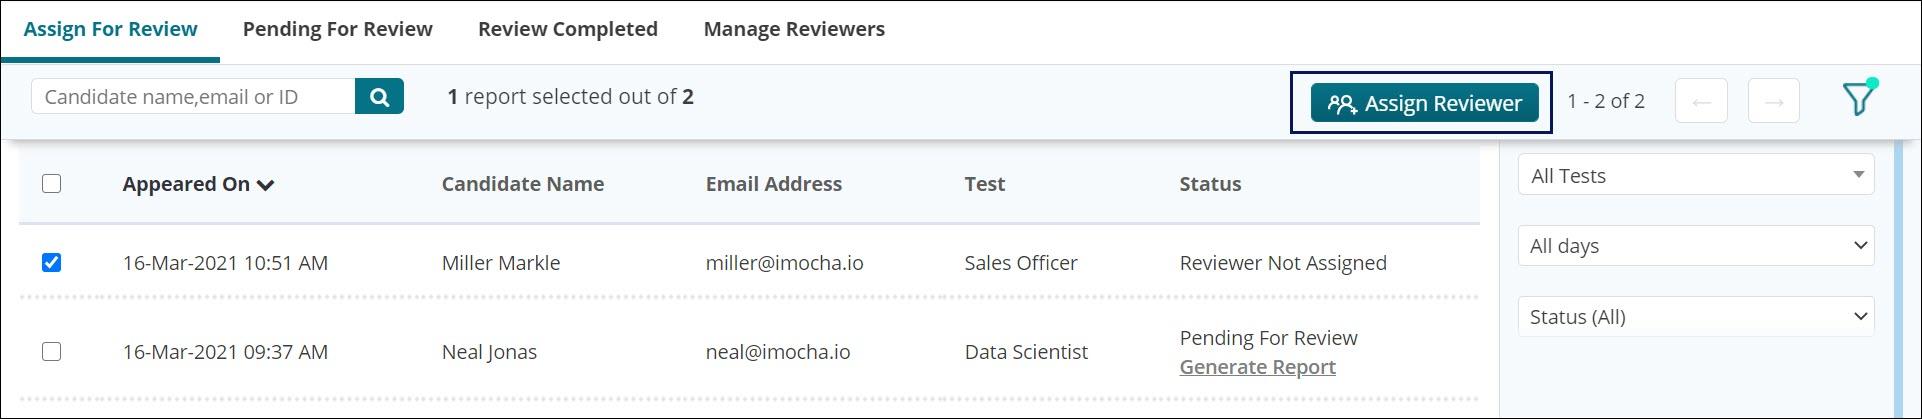 Assign Reviewer